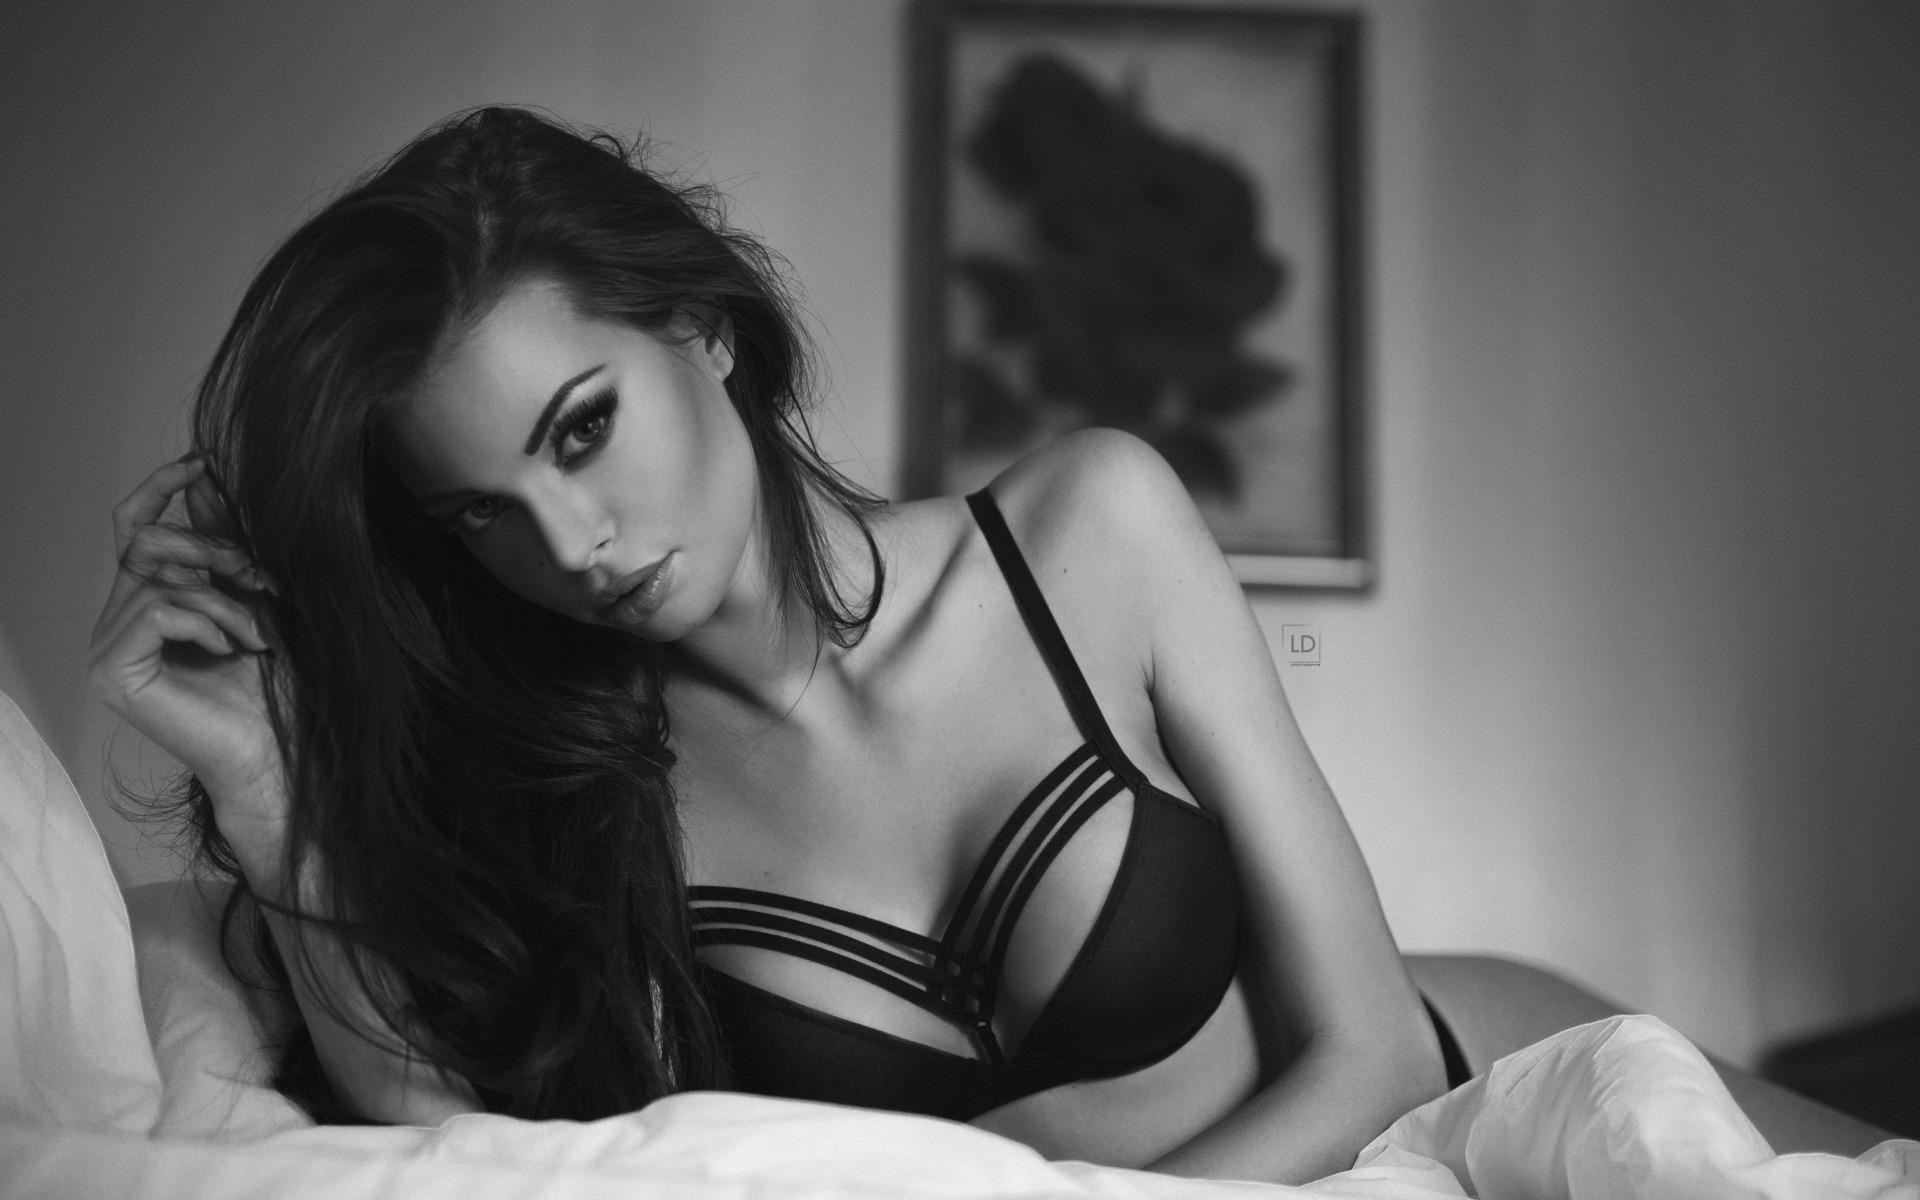 Черно-белые селфи сексуальной брюнетки  357267